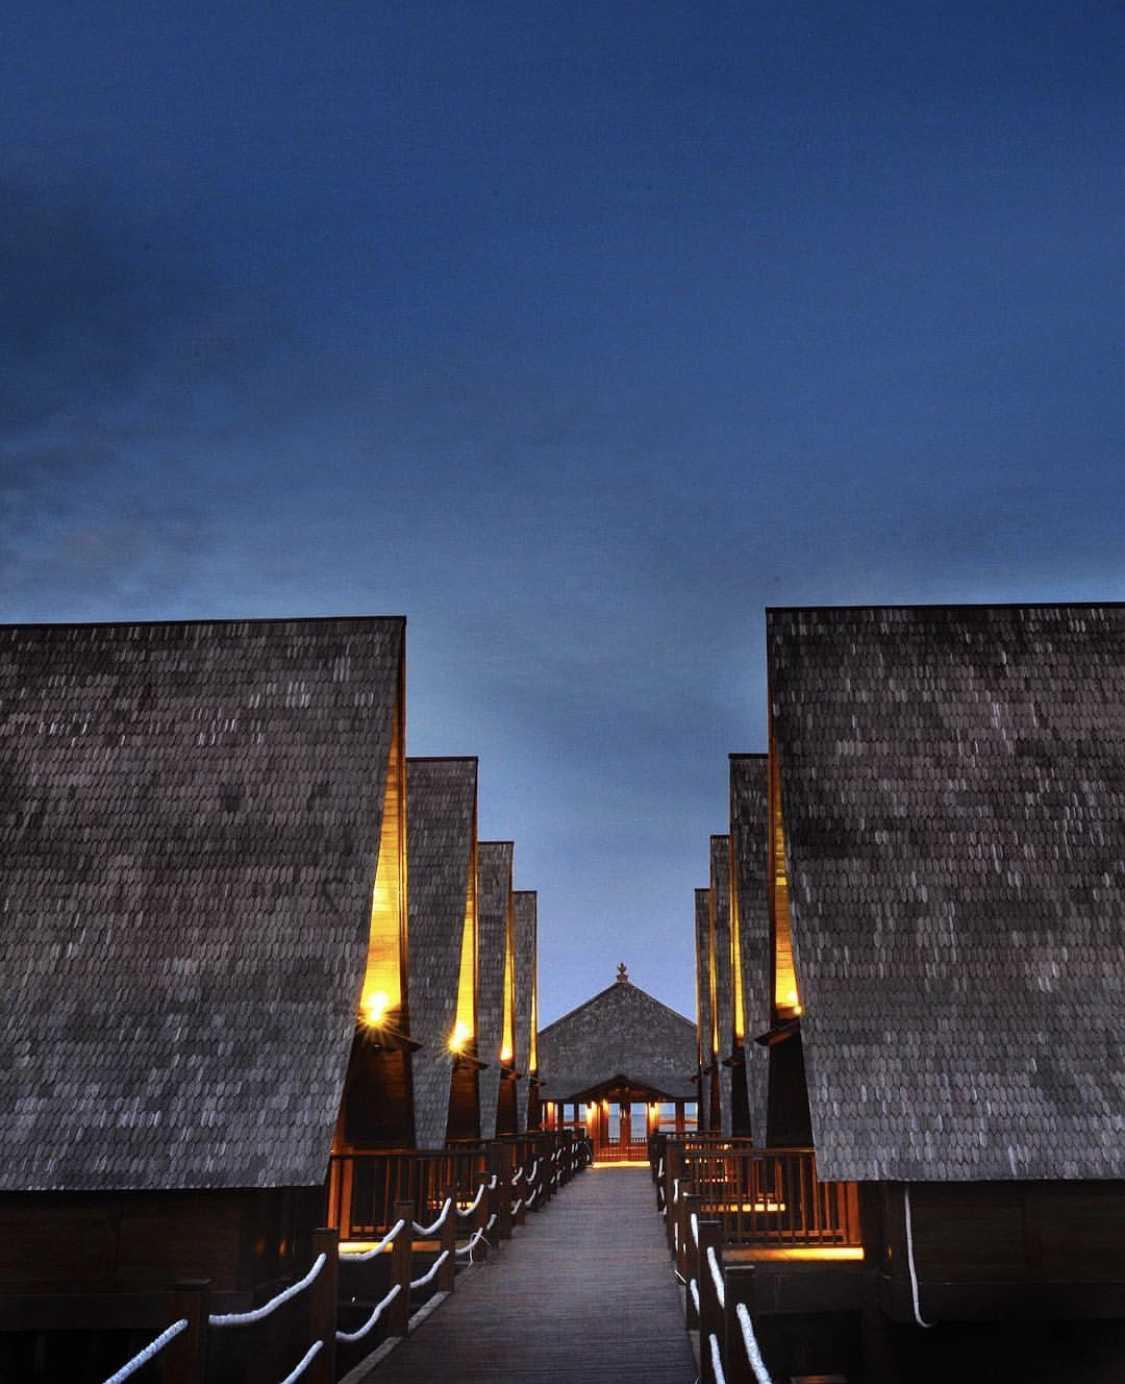 Wandi Uwa Krisdian Cirebon Waterland Cirebon, Cirebon City, West Java, Indonesia Cirebon, Cirebon City, West Java, Indonesia Wandi-Uwa-Krisdian-Cirebon-Waterland   73658